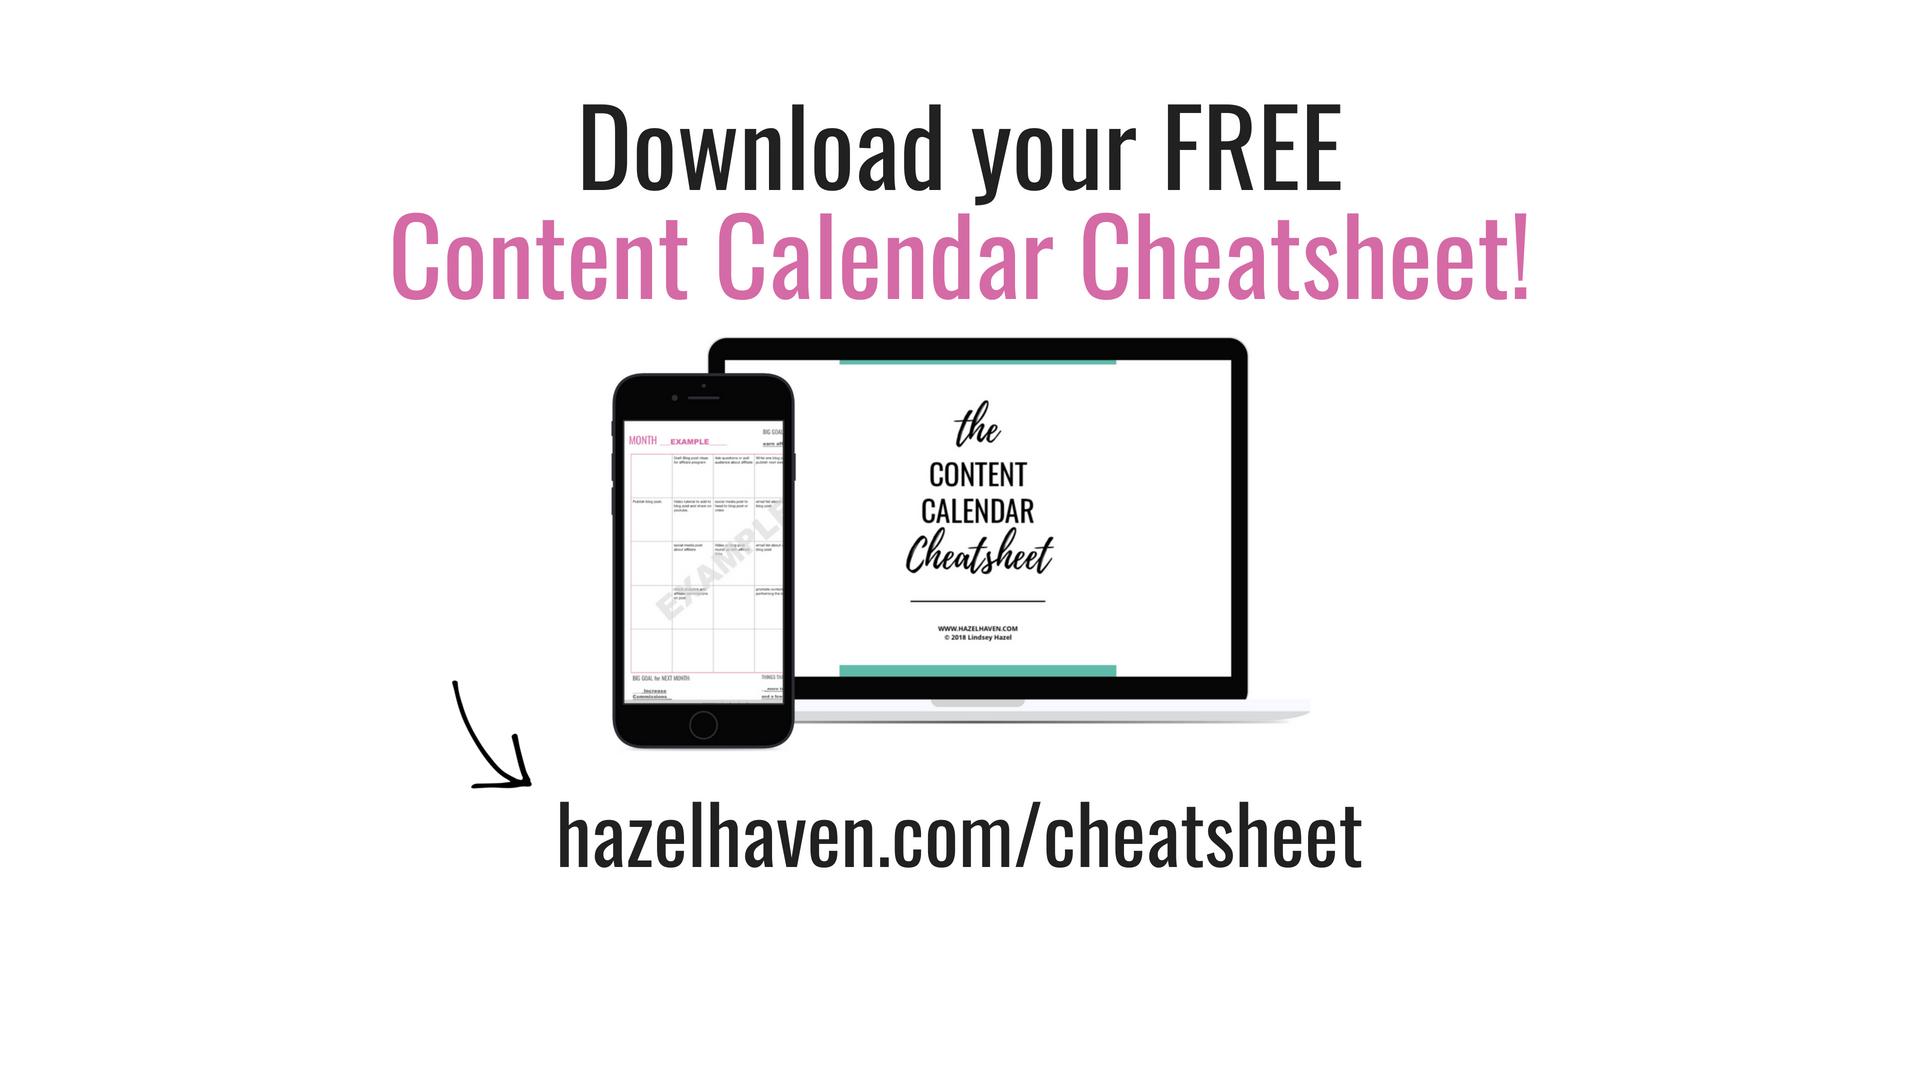 Download your FREE content calendar cheatsheet!